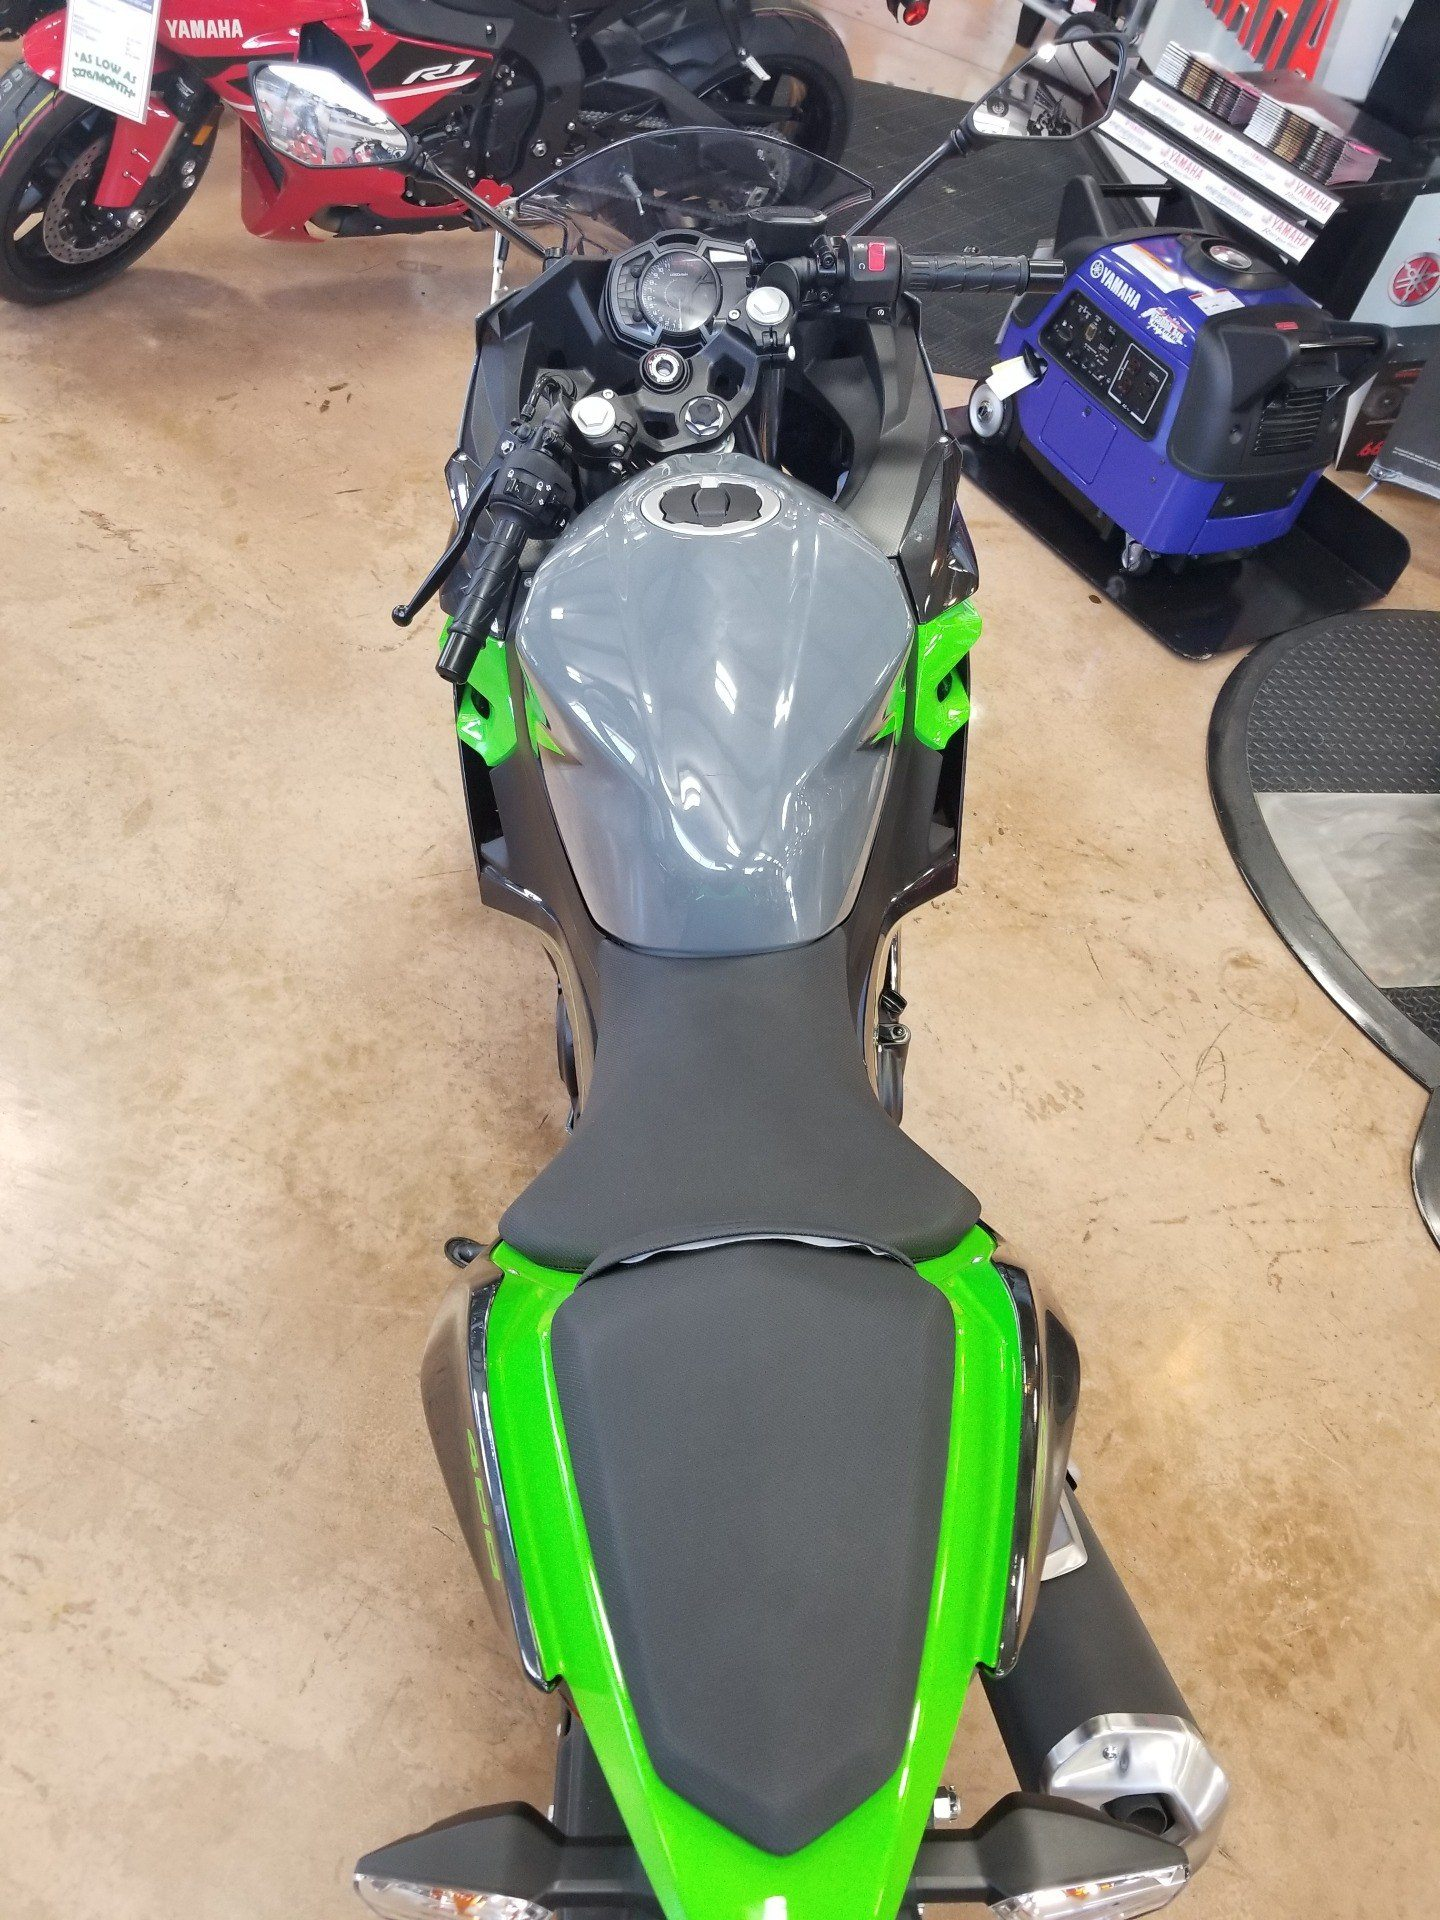 2019 Kawasaki Ninja 400 ABS 10